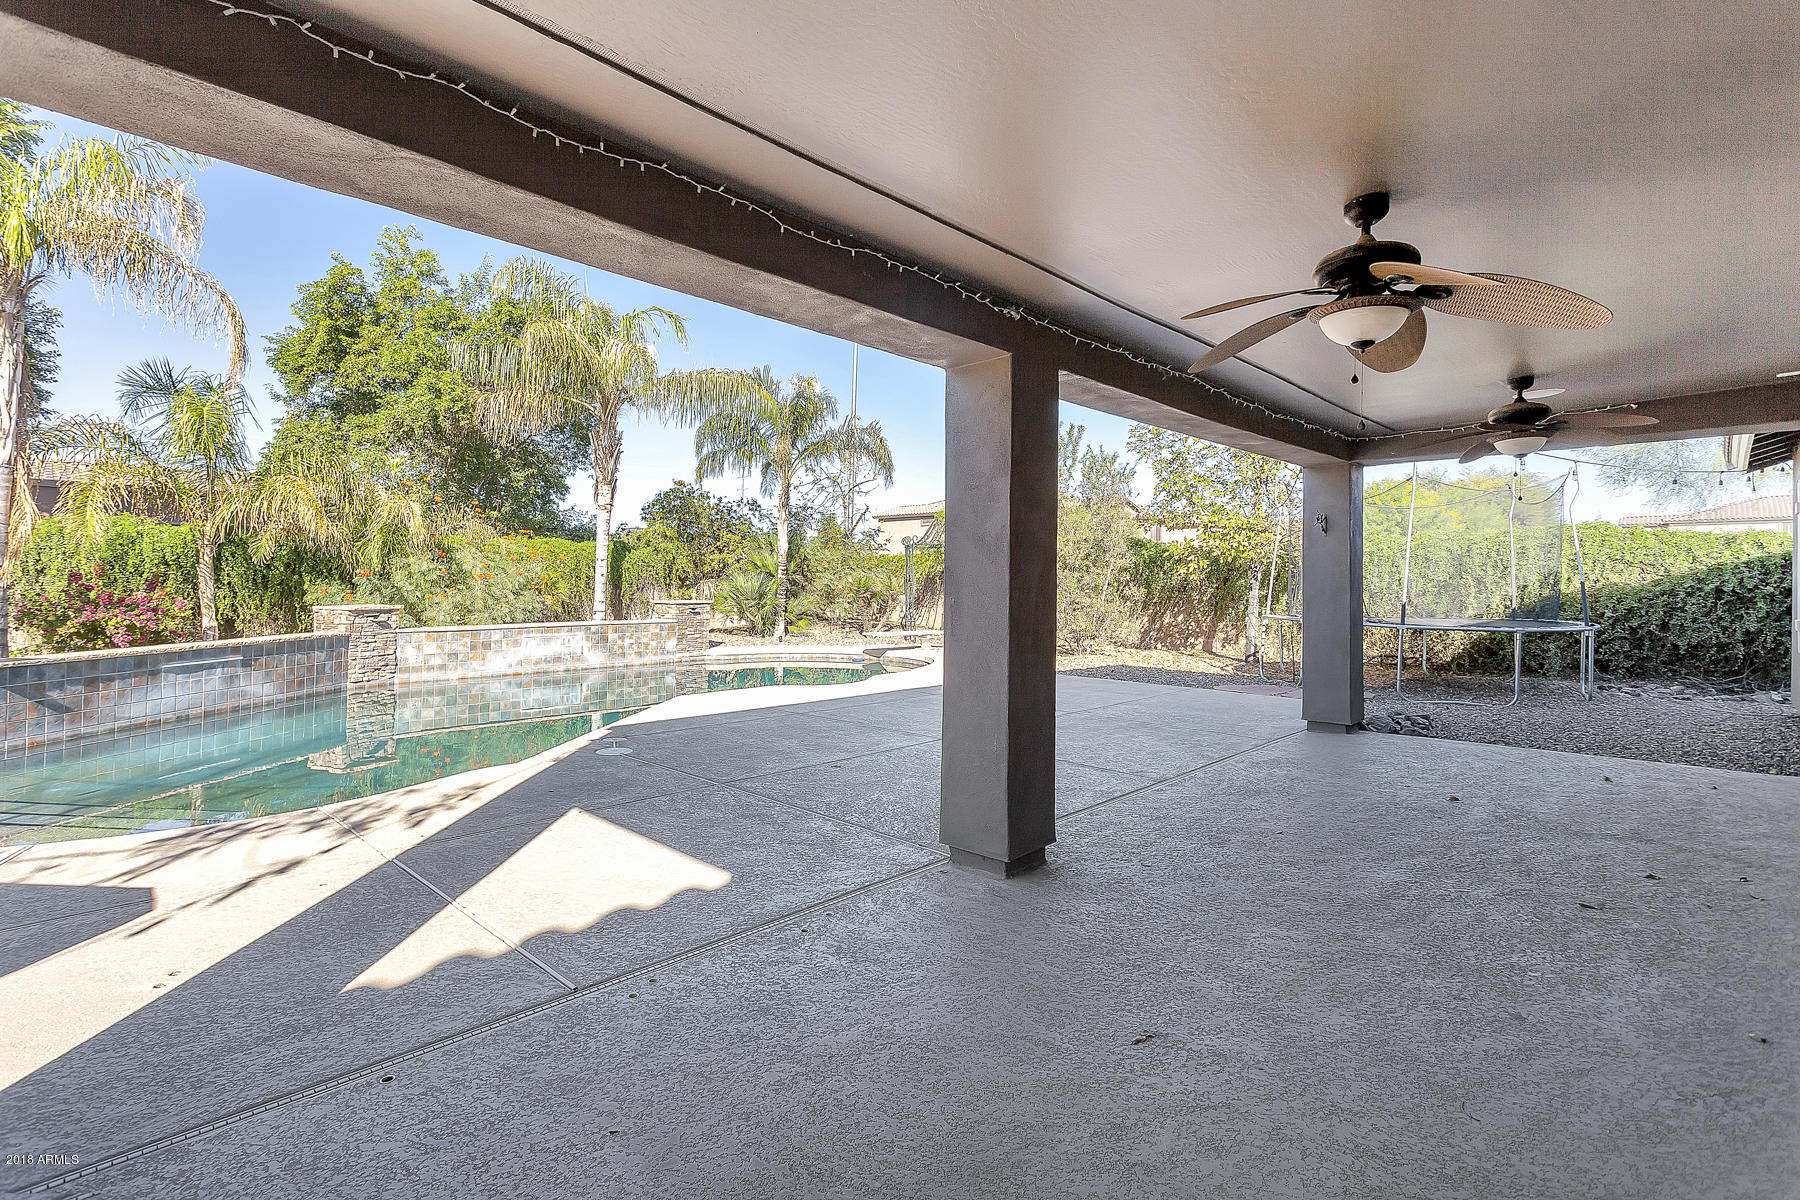 MLS 5817543 2634 E GRAND CANYON Drive, Chandler, AZ 85249 Chandler AZ Fonte Al Sole